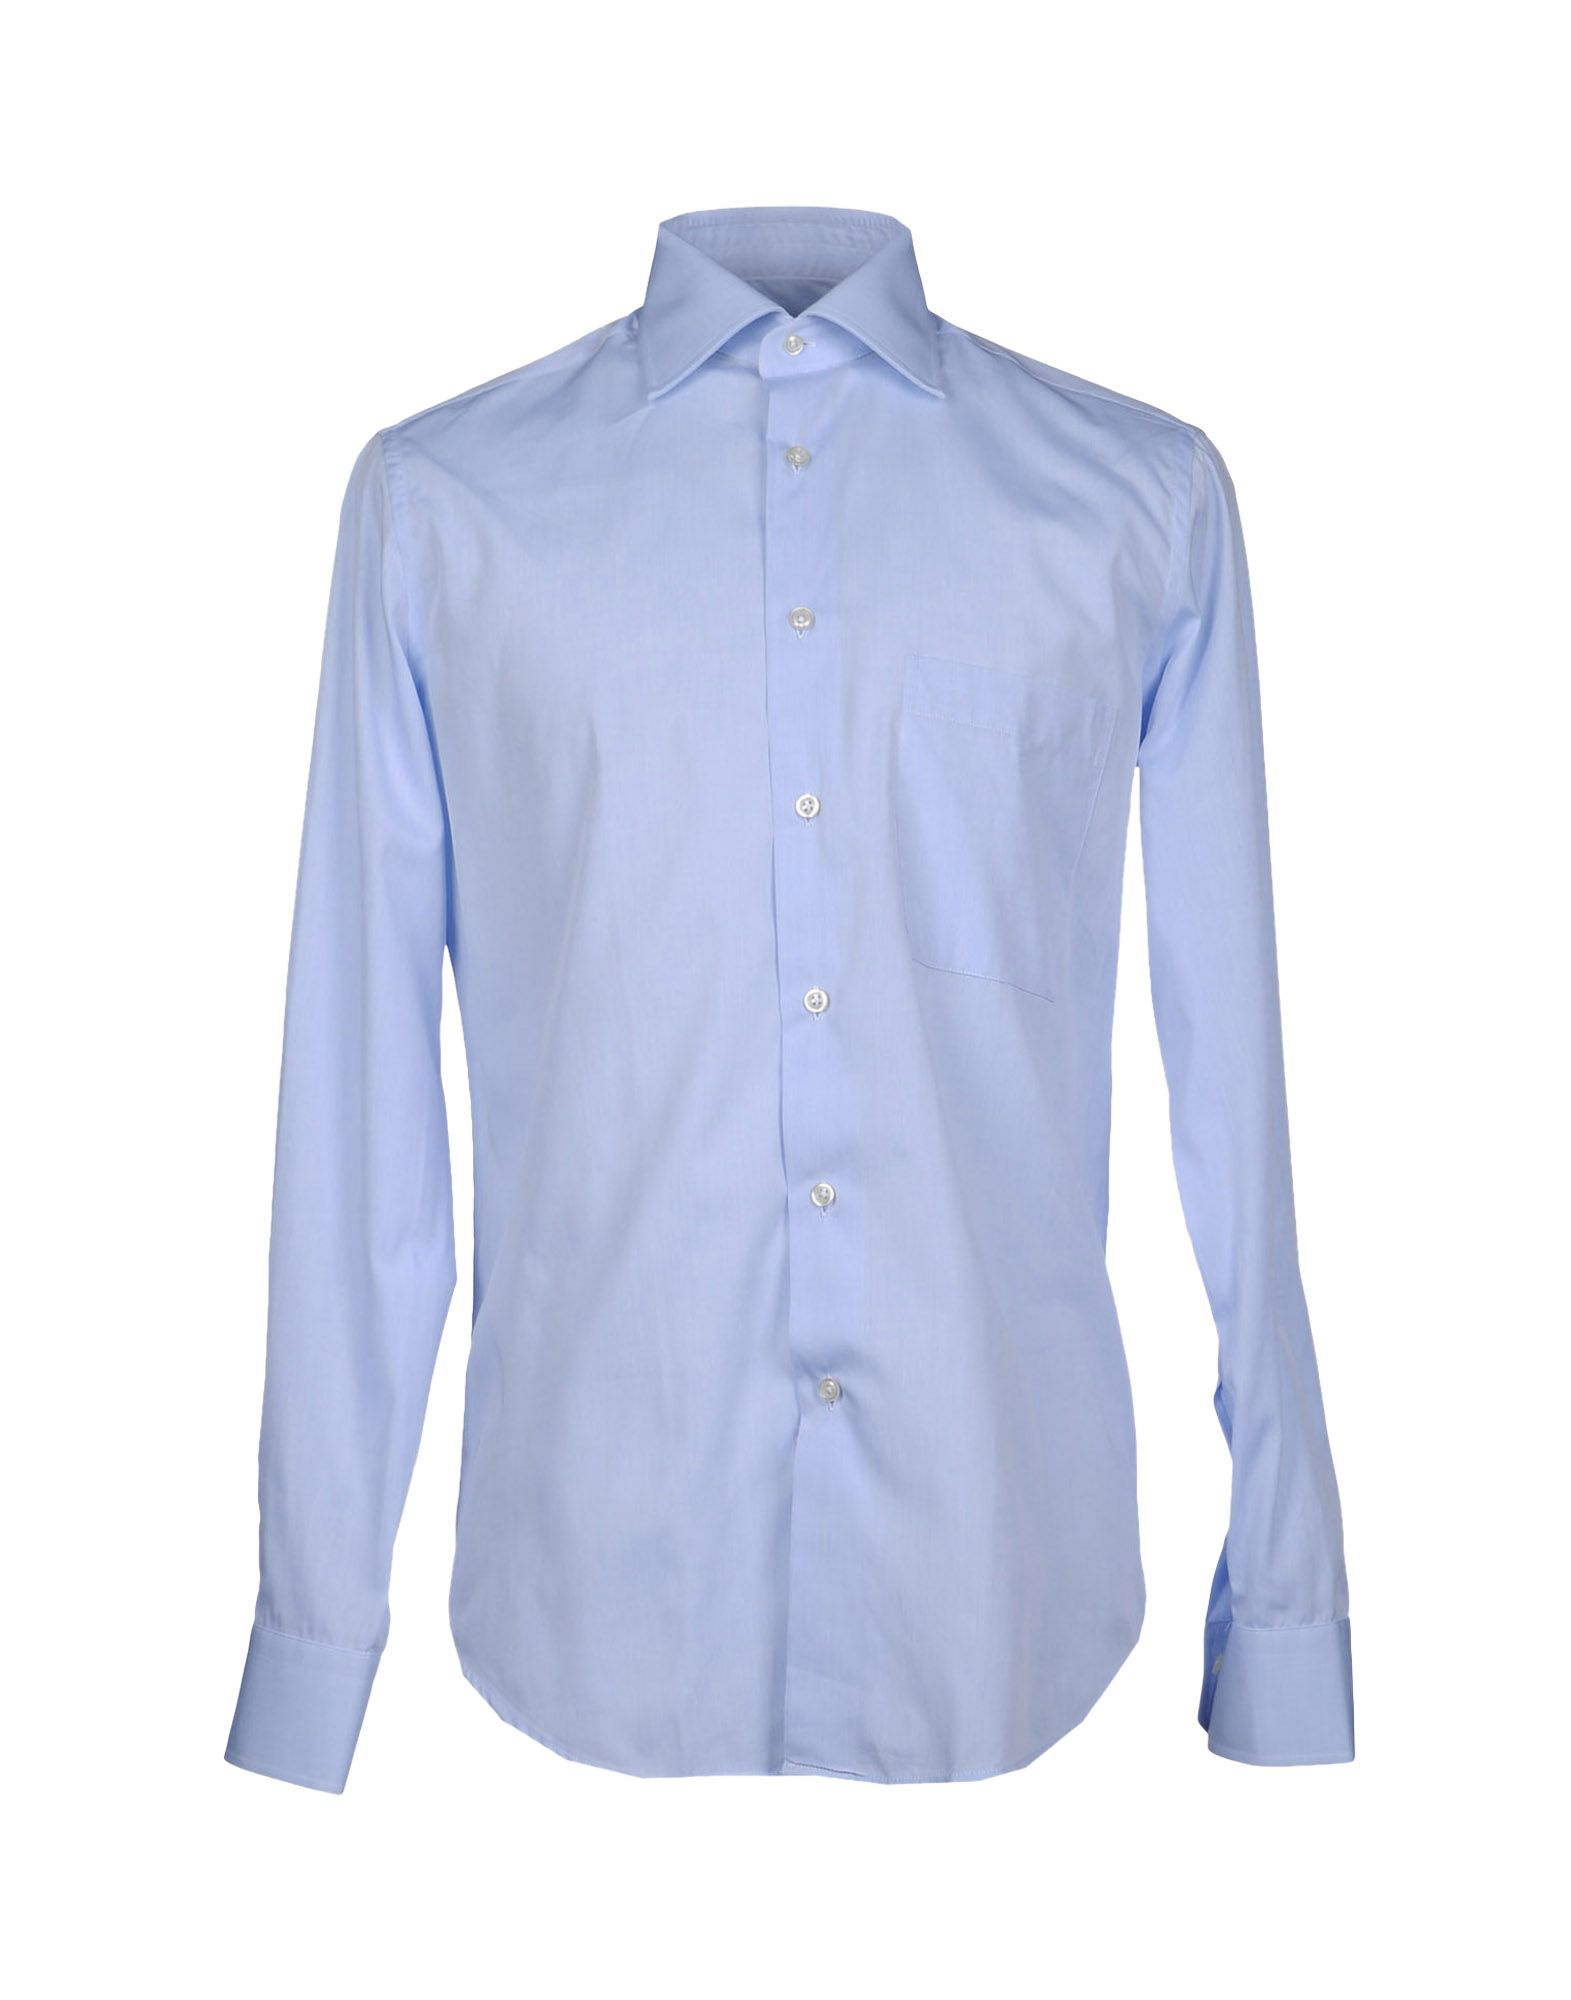 купить PAL ZILERI Рубашка с длинными рукавами по цене 3500 рублей